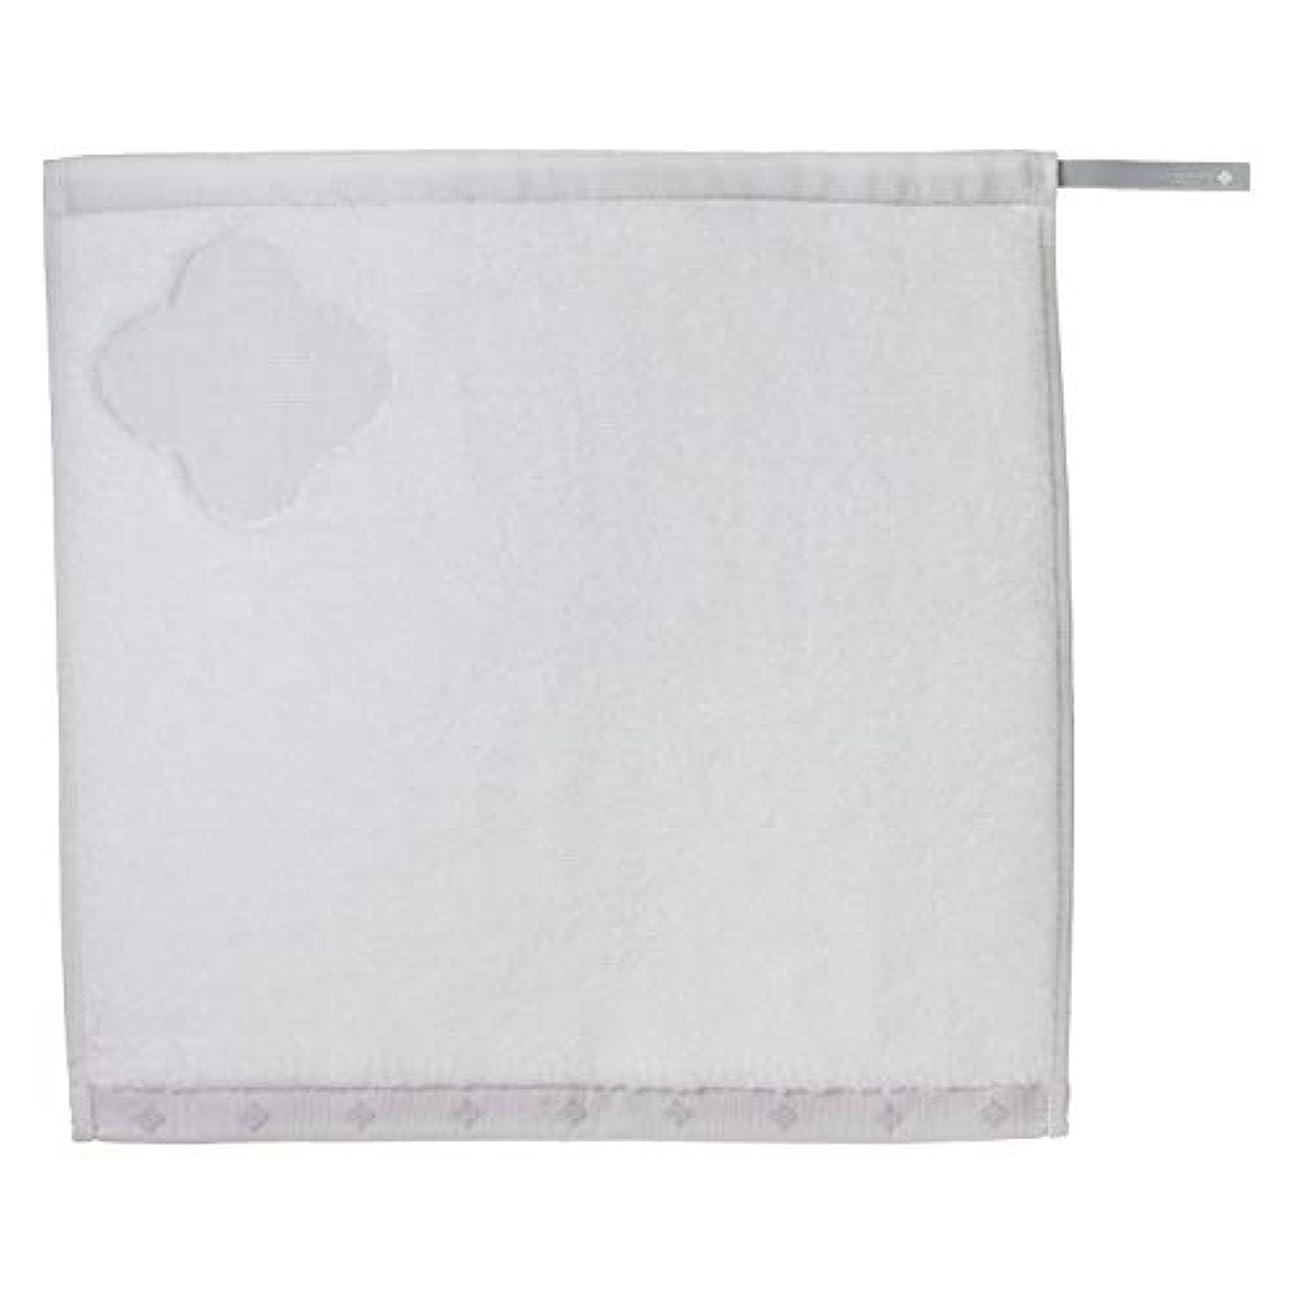 巻き戻す学校公式KOBAKO(コバコ) スチーム洗顔タオル